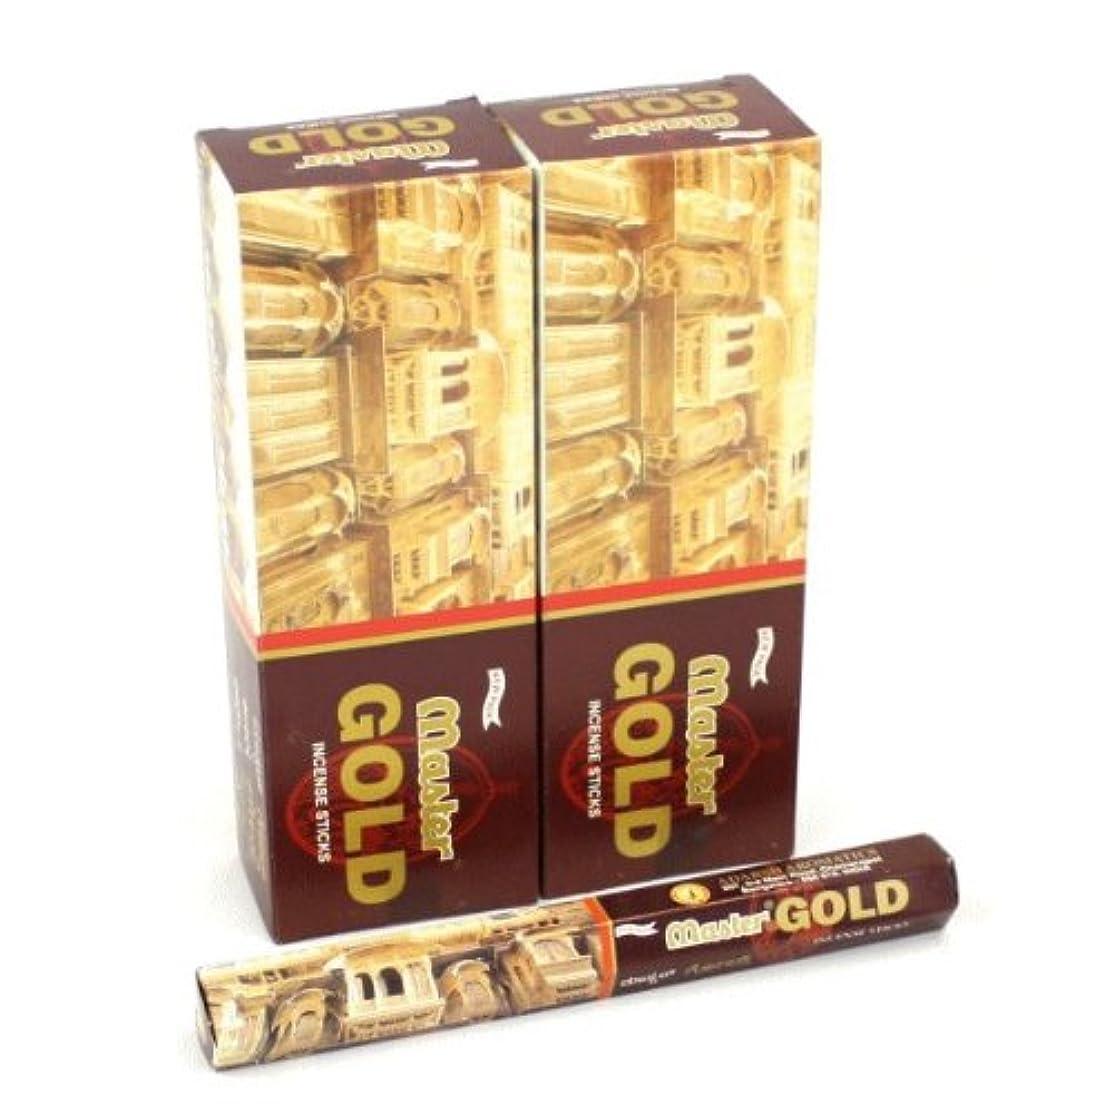 十代の若者たち却下する笑いADARSH マスターゴールド香 スティック ヘキサパック(六角) 12箱セット MASTER GOLD